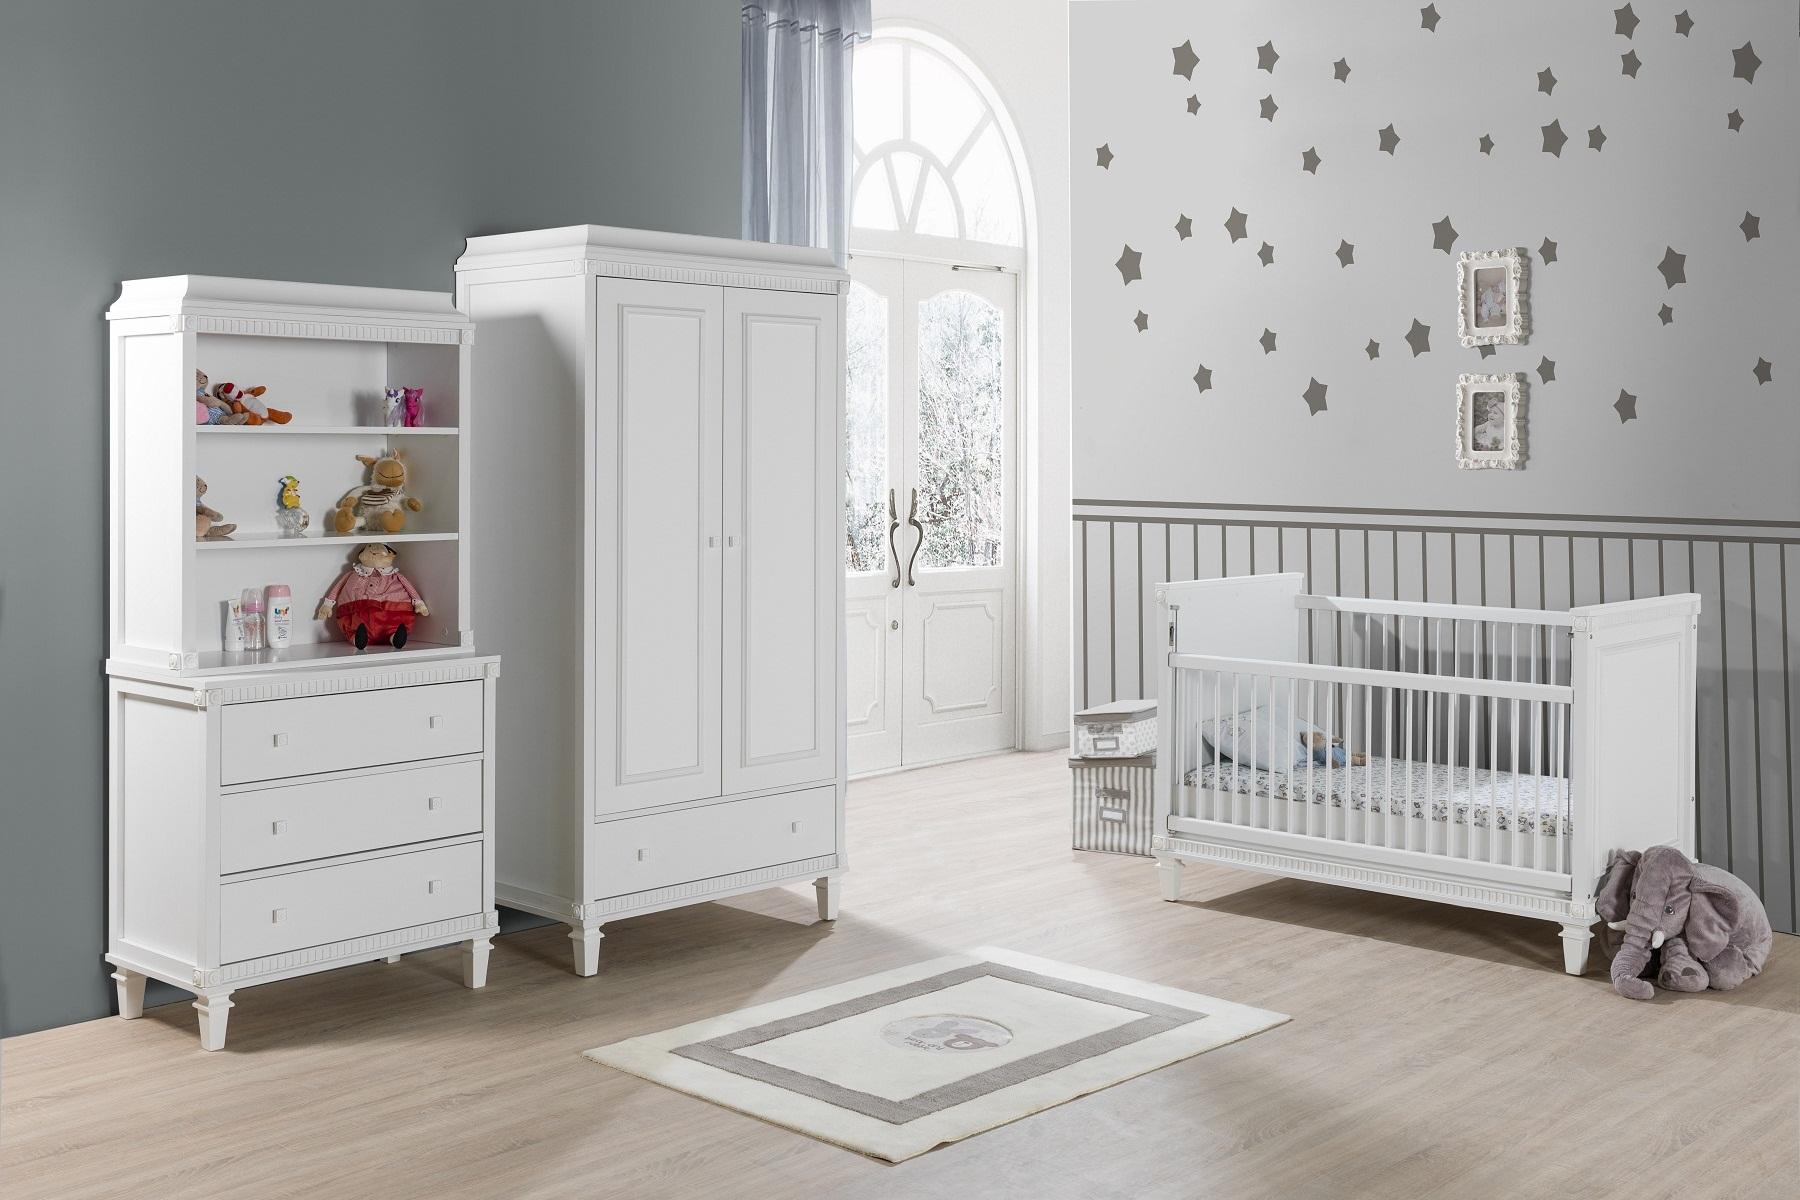 Babyzimmer Hazeran 70x130 cm weiss Landhausstil Traum-740/2/7/11